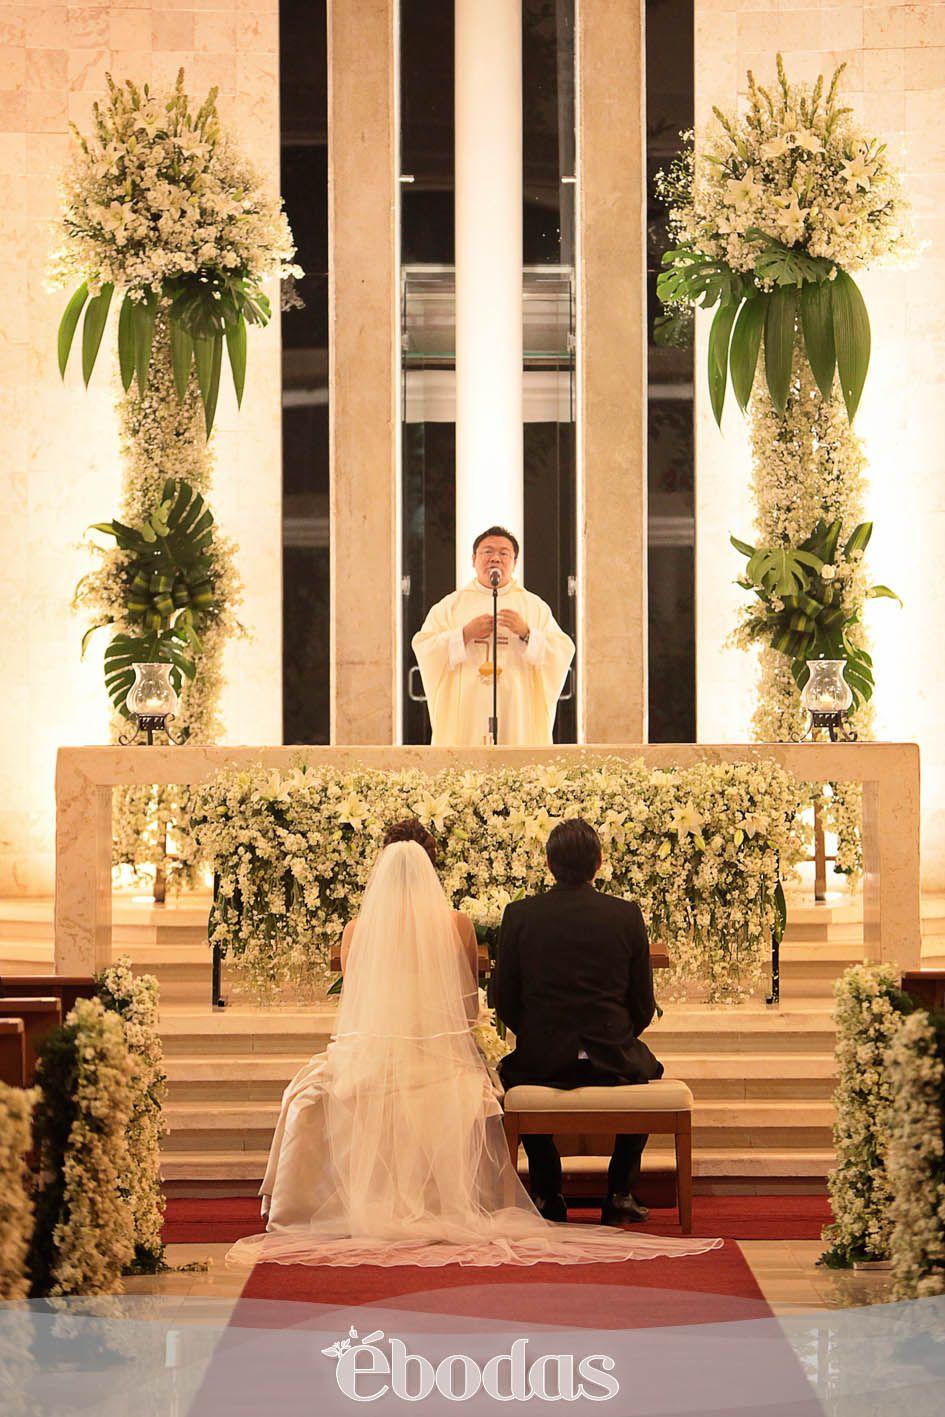 Unique church wedding decoration ideas  Un altar espectacular Wedding bride groom  arreglos de boda